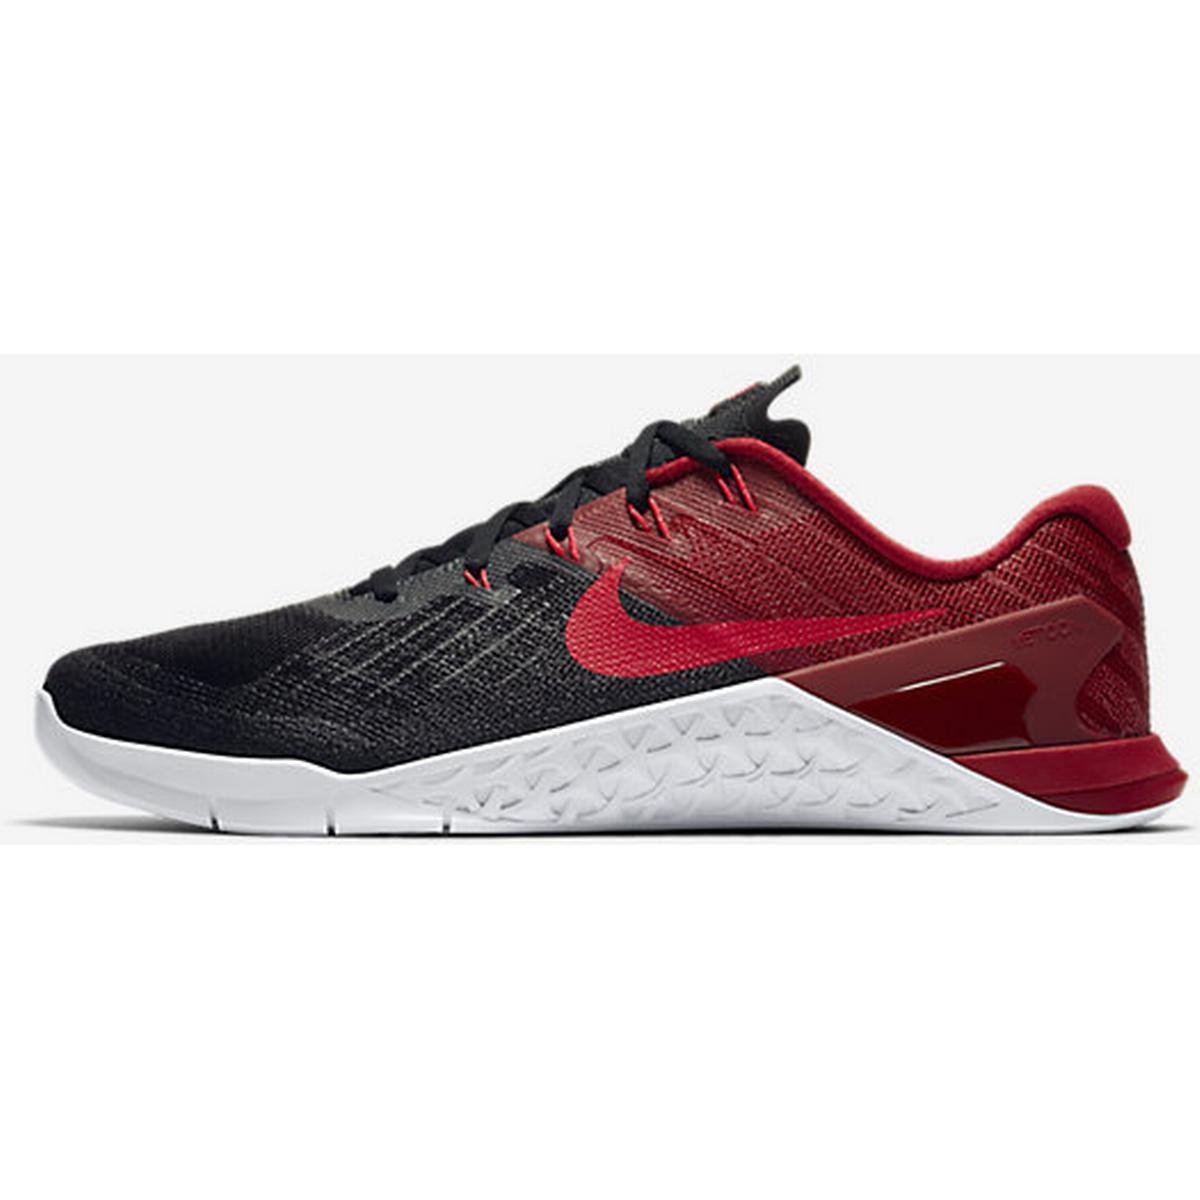 Nike metcon 3 �?Hitta det lägsta priset